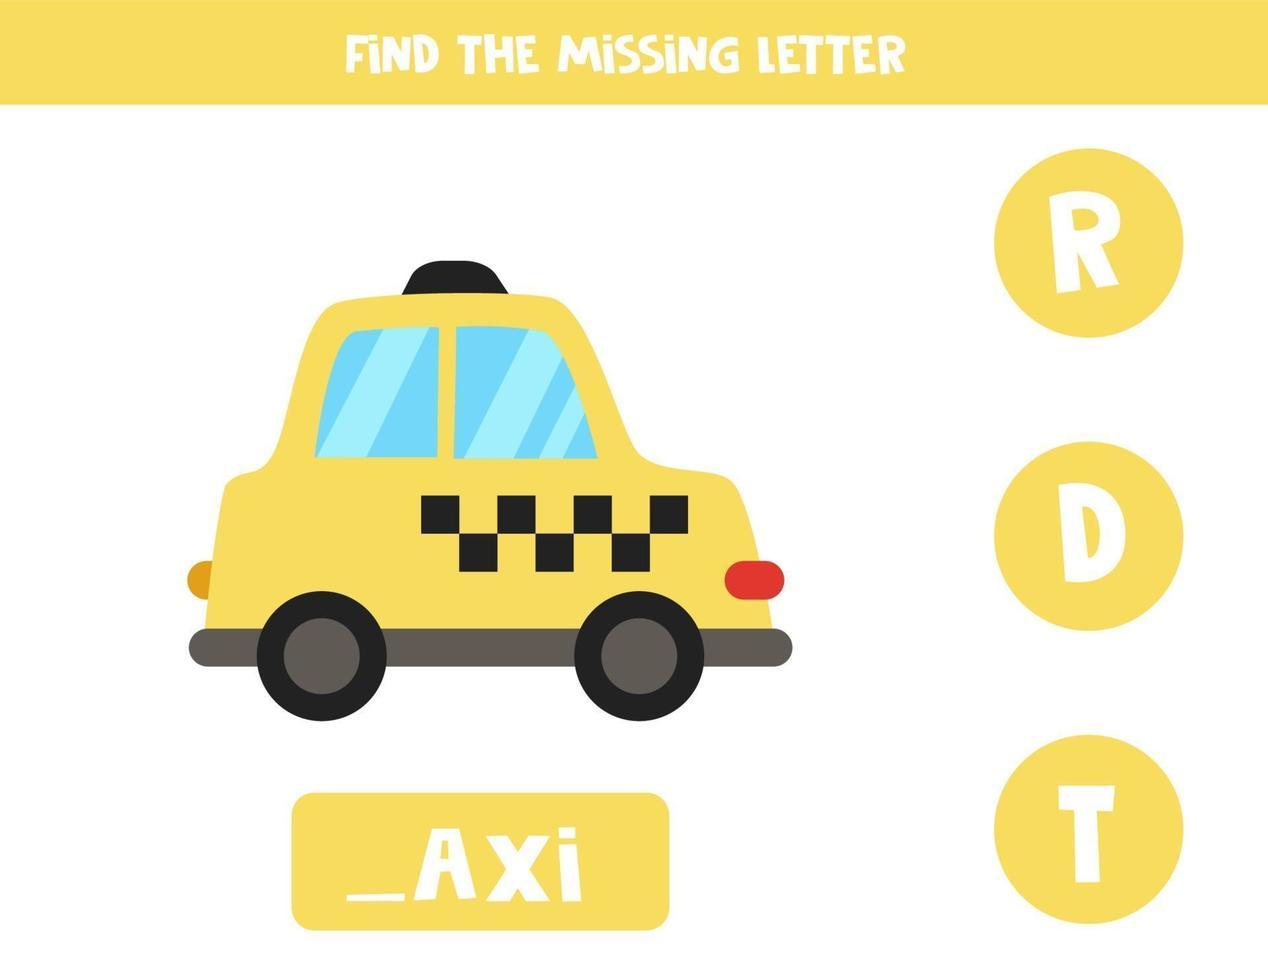 trova la lettera mancante con il taxi dei cartoni animati. foglio di lavoro di ortografia. vettore